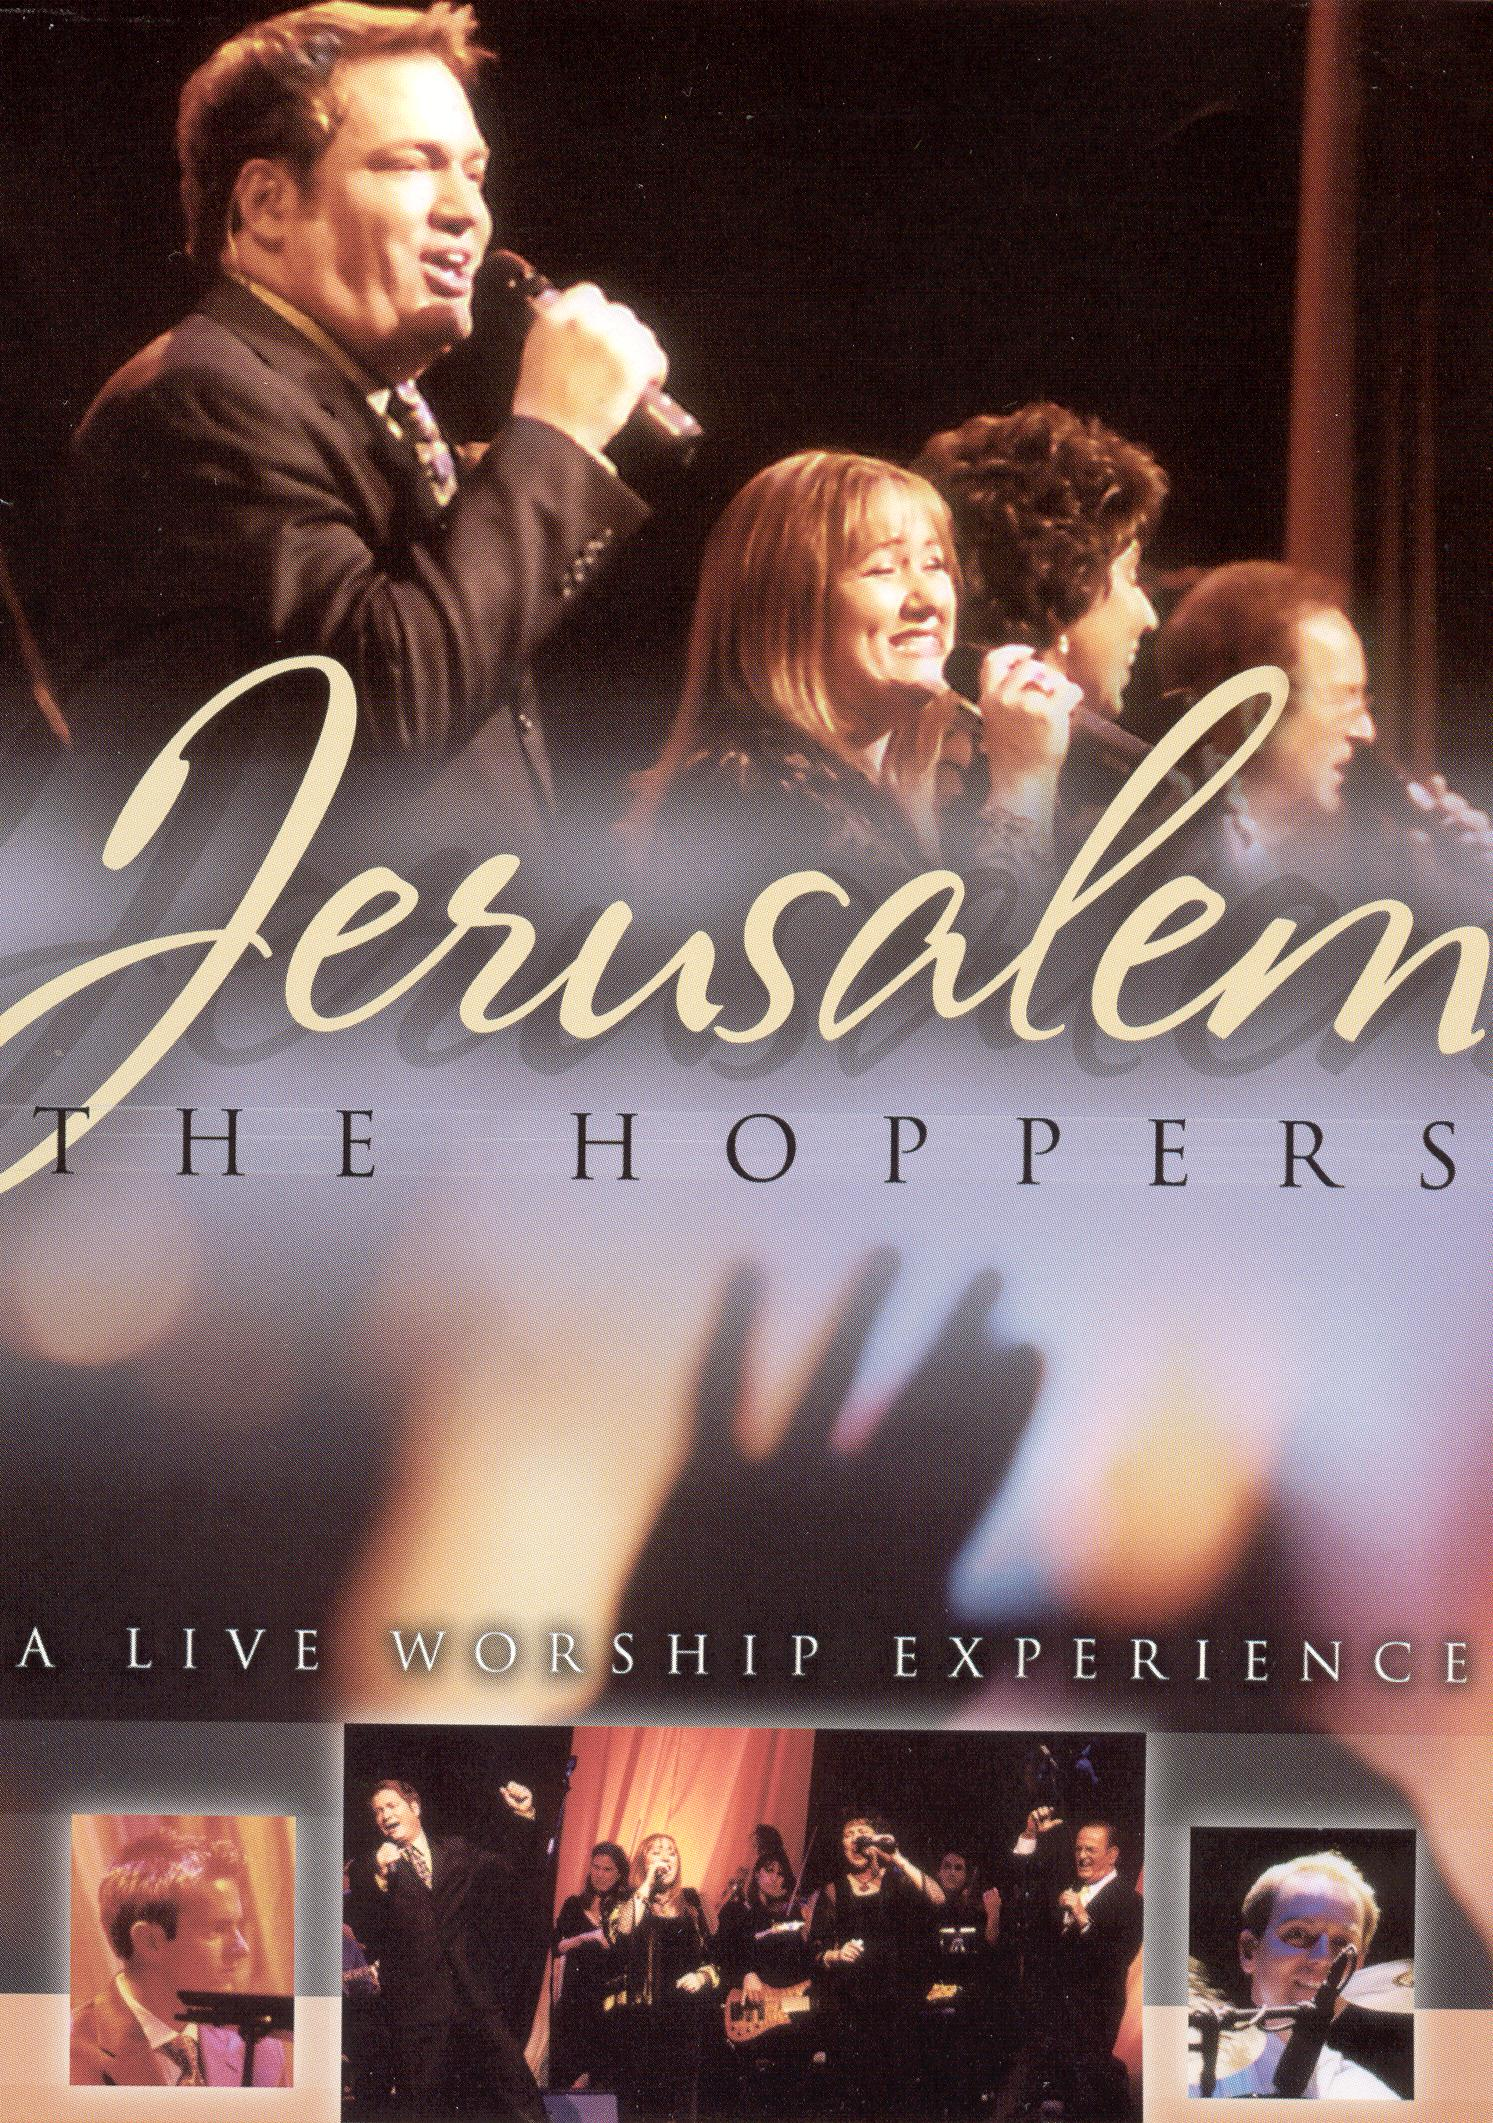 The Hoppers: Jerusalem